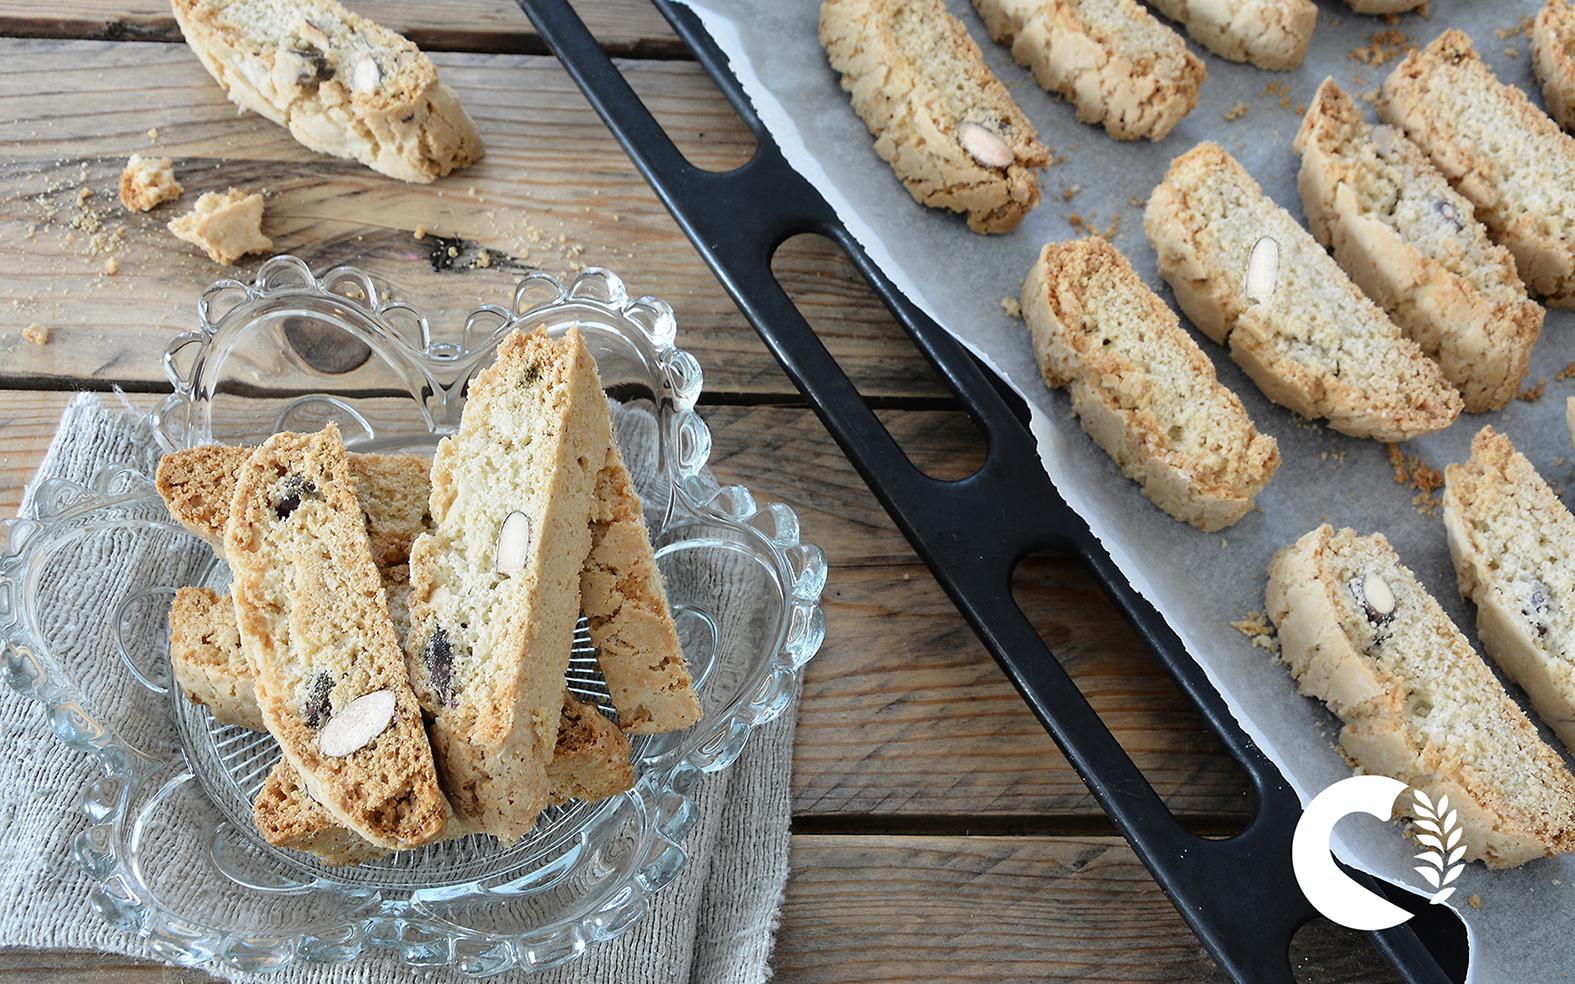 Cantucci toscani senza glutine e senza lievito